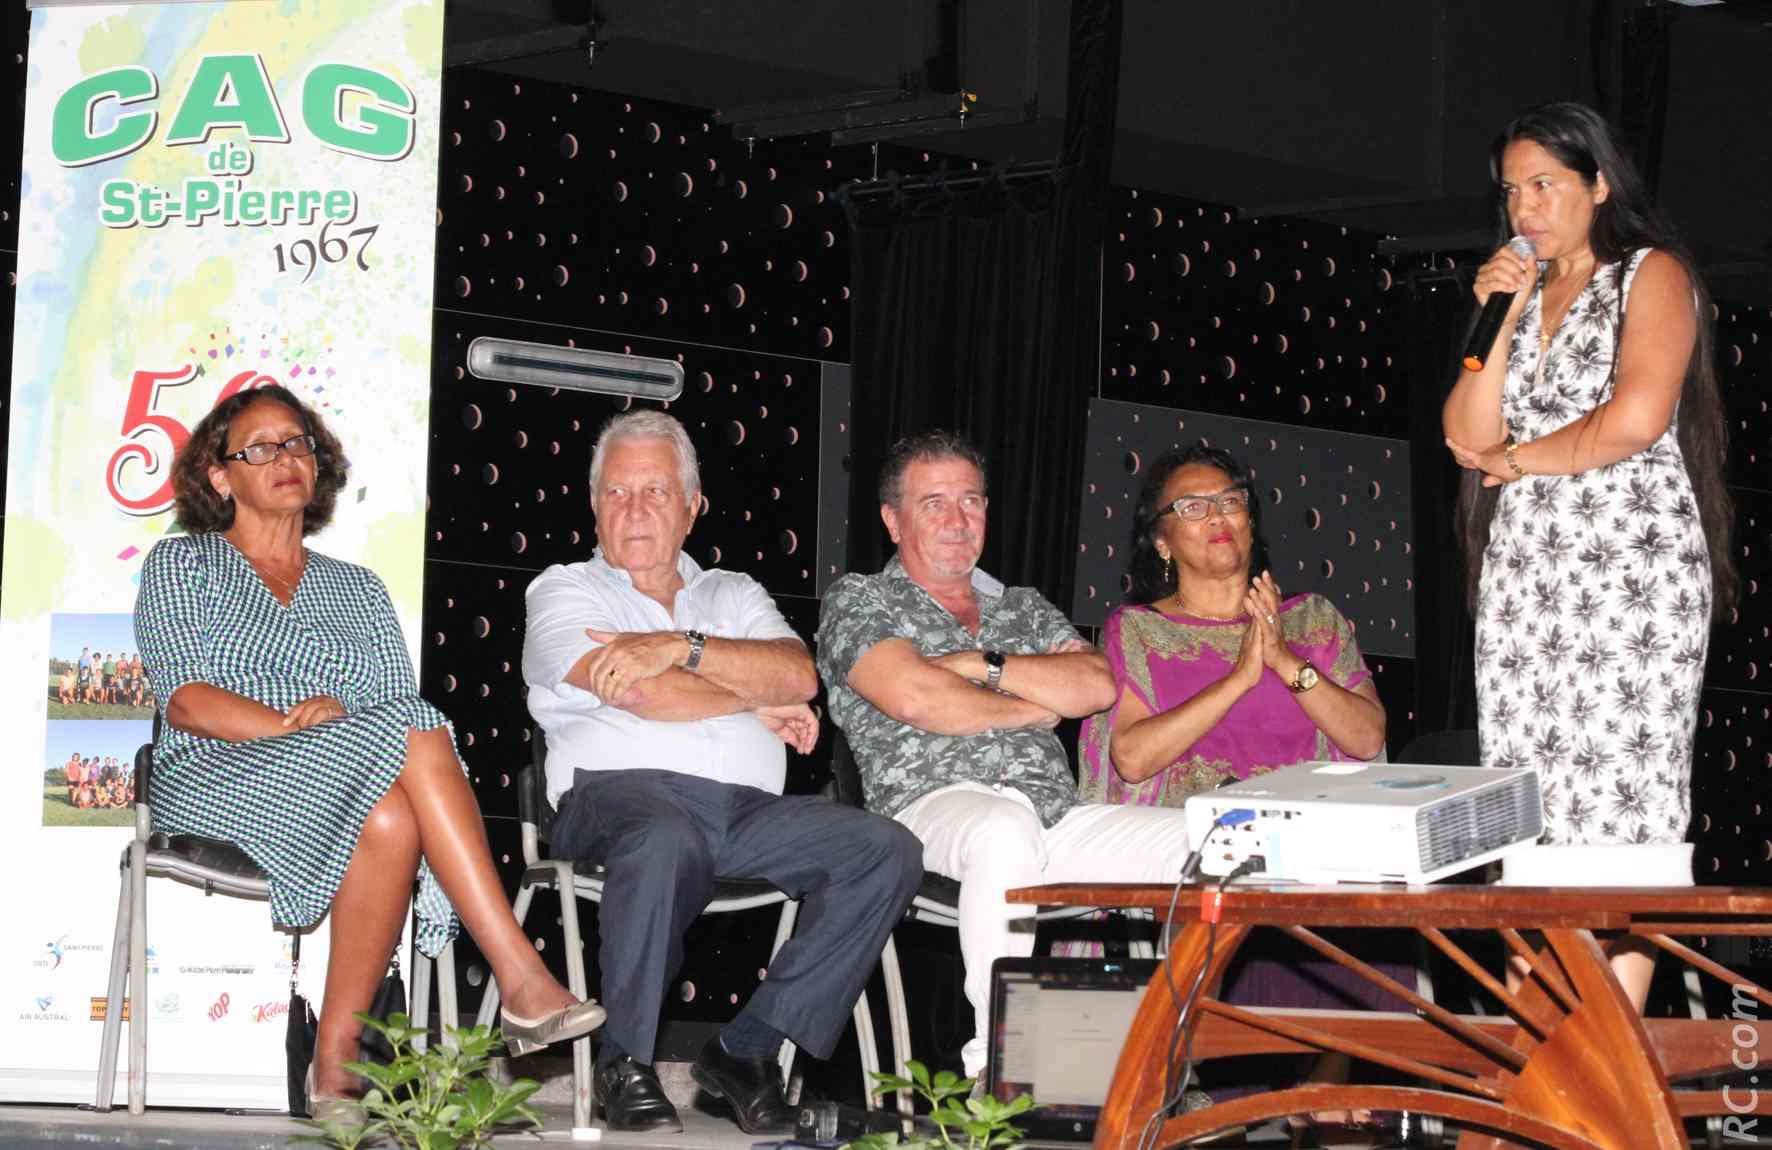 Le discours de Dehviany Joany, présidente du CAG, avec à ses côtés Denise Hoarau, conseillère régionale, Robert Lamoureux, co-fondateur du CAG, M. Dubourgeal et Béatrice Sigismeau, adjointe au maire de Saint-Pierre